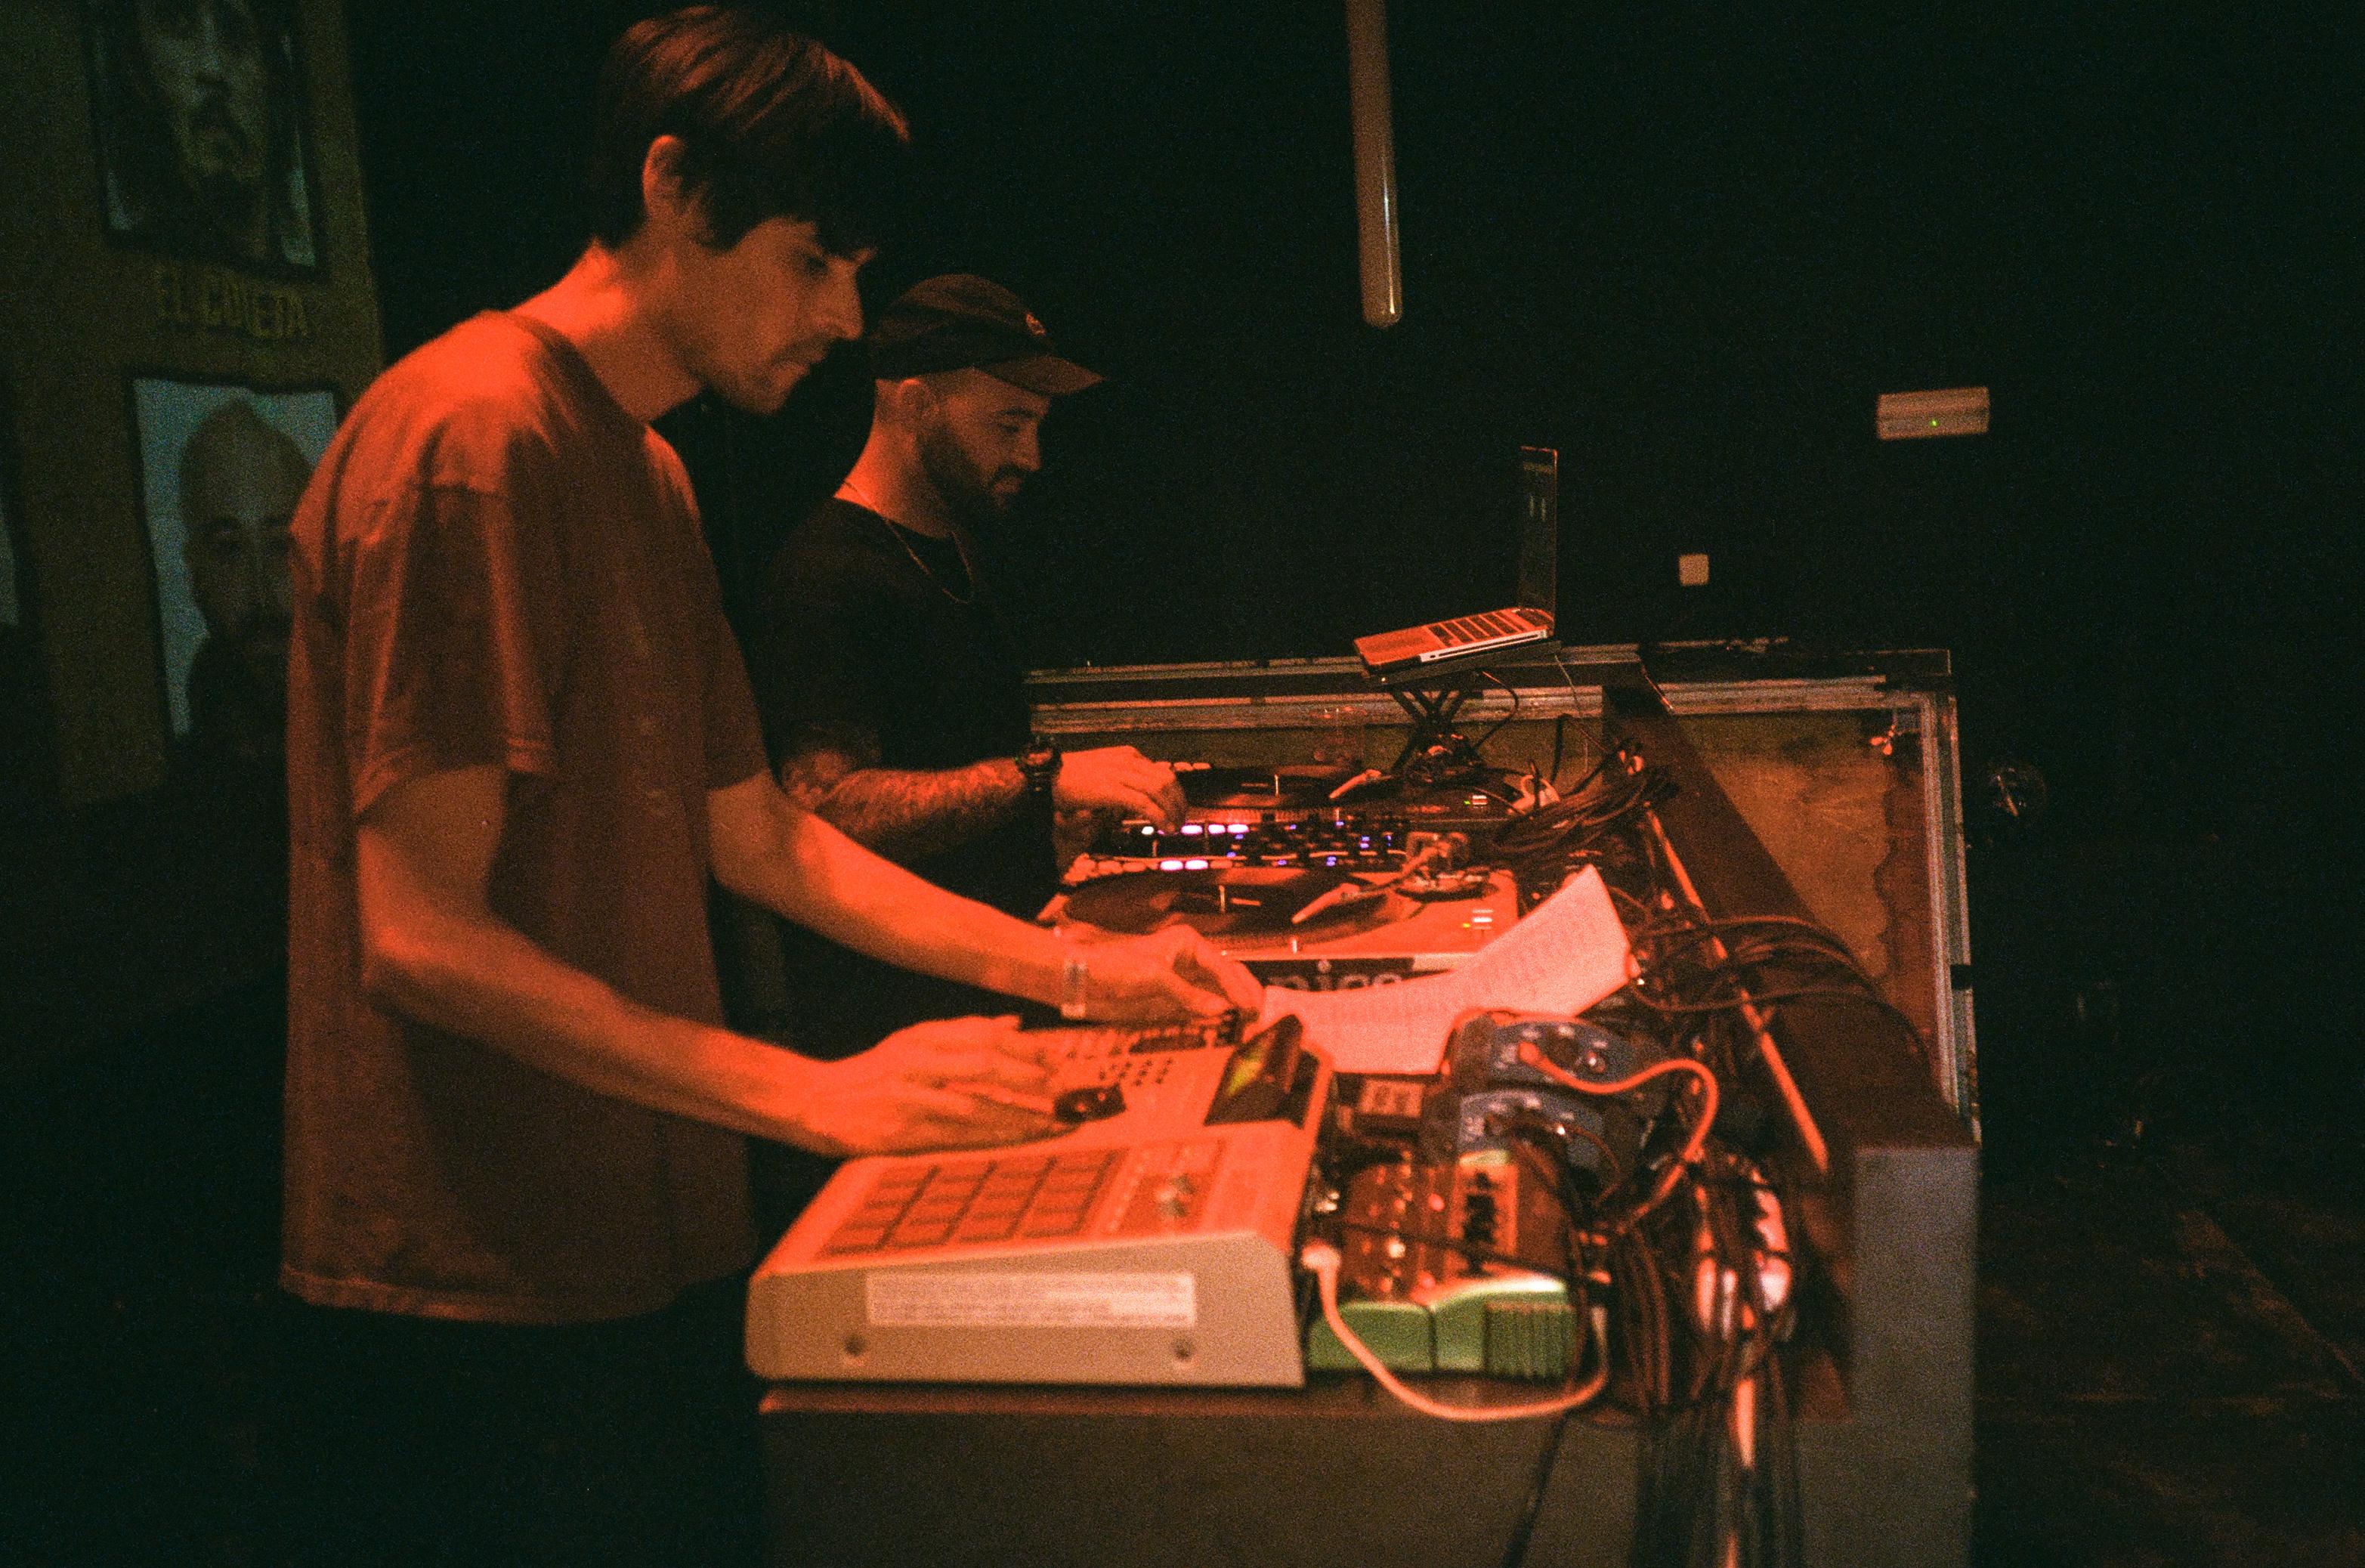 Hartosopash y Dj Swet en I.D. Party (Fotografía por Alberto Pérez Urraca)